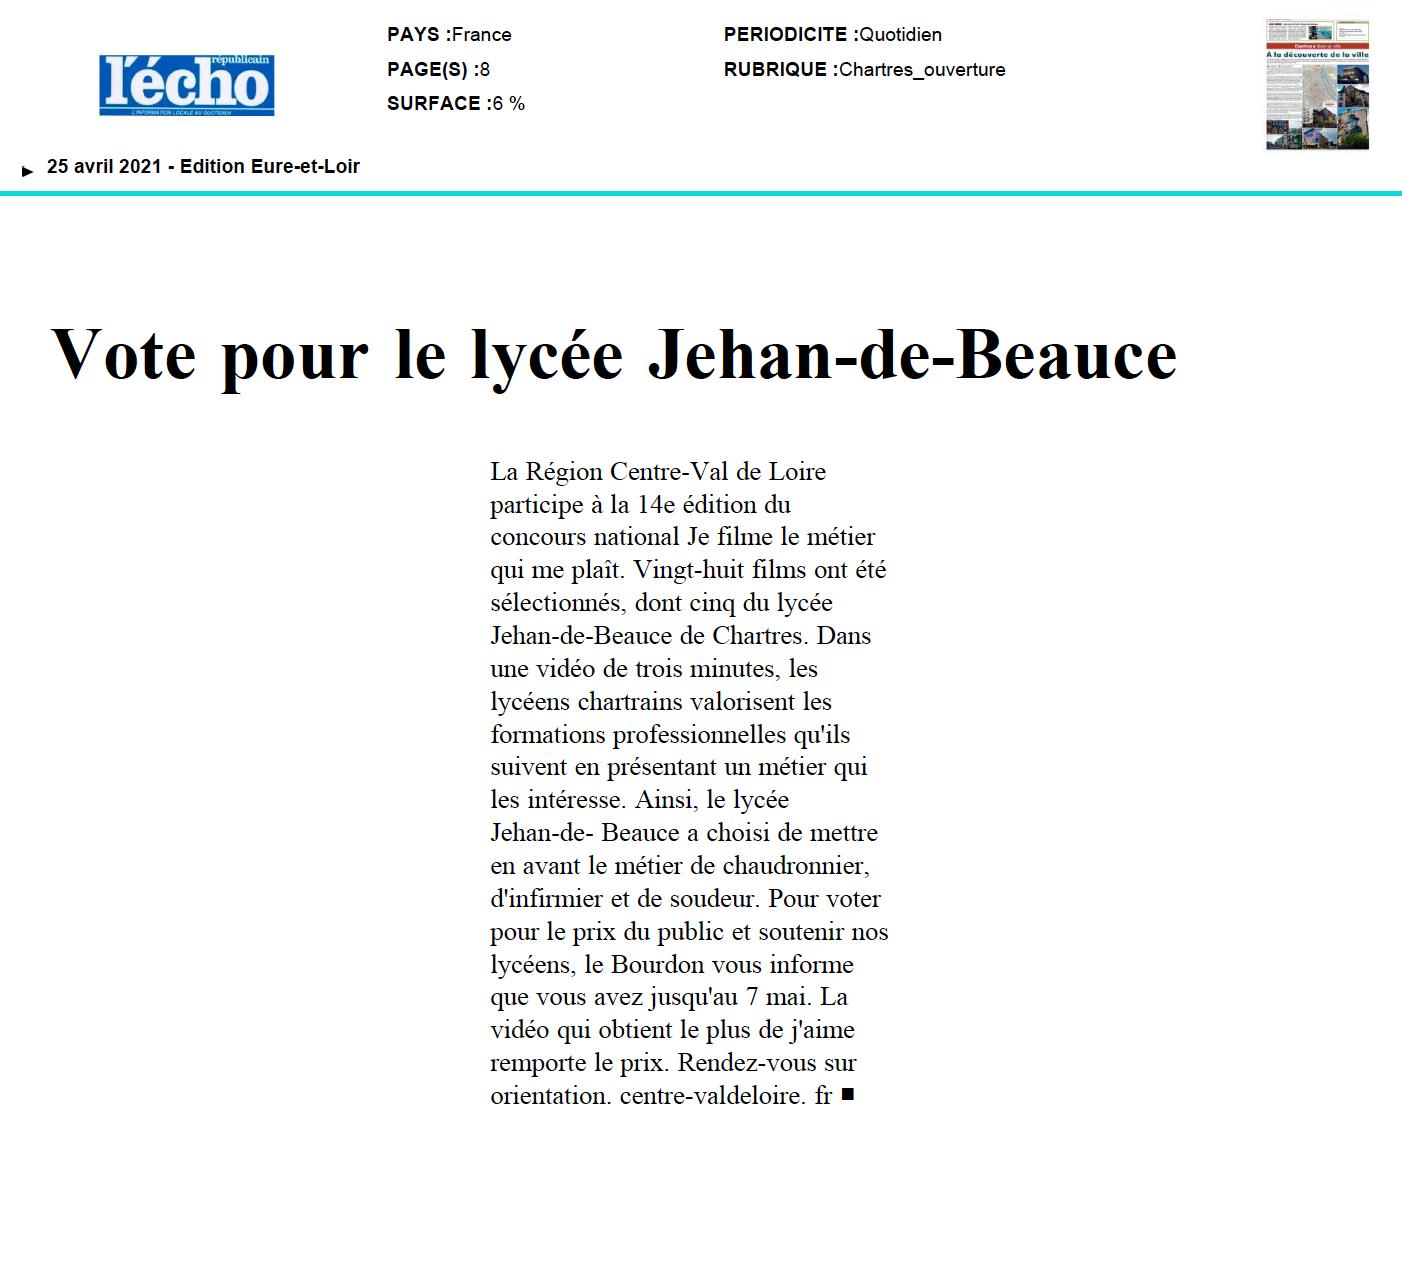 Vote pour le lycée Jehan-de-Beauce